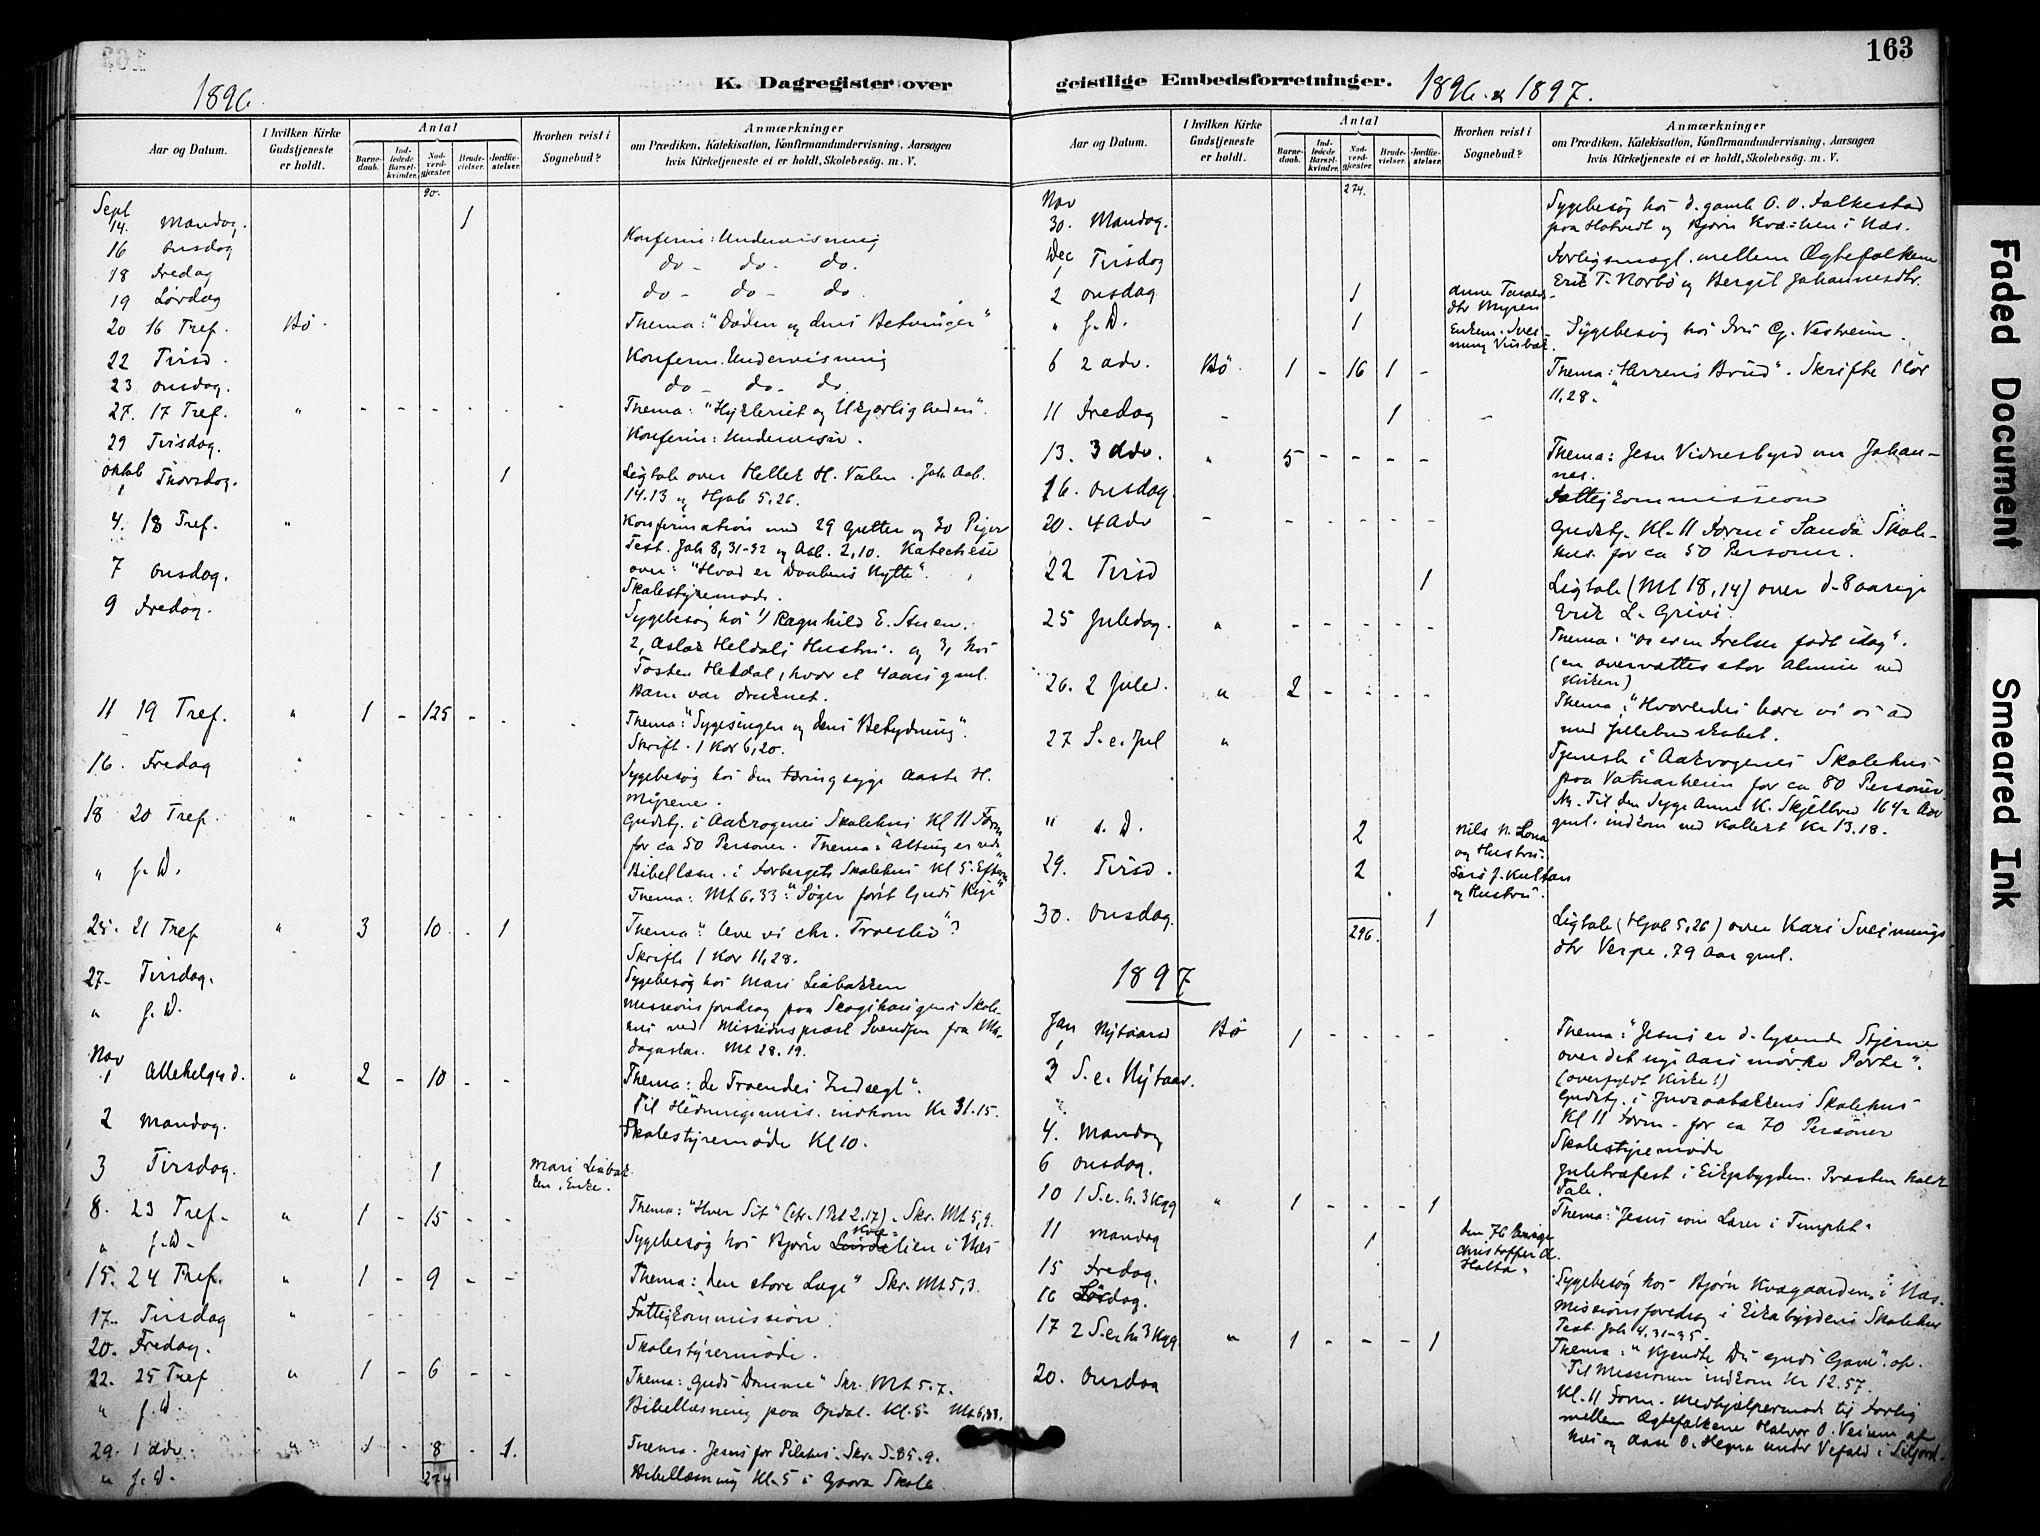 SAKO, Bø kirkebøker, F/Fa/L0011: Ministerialbok nr. 11, 1892-1900, s. 163